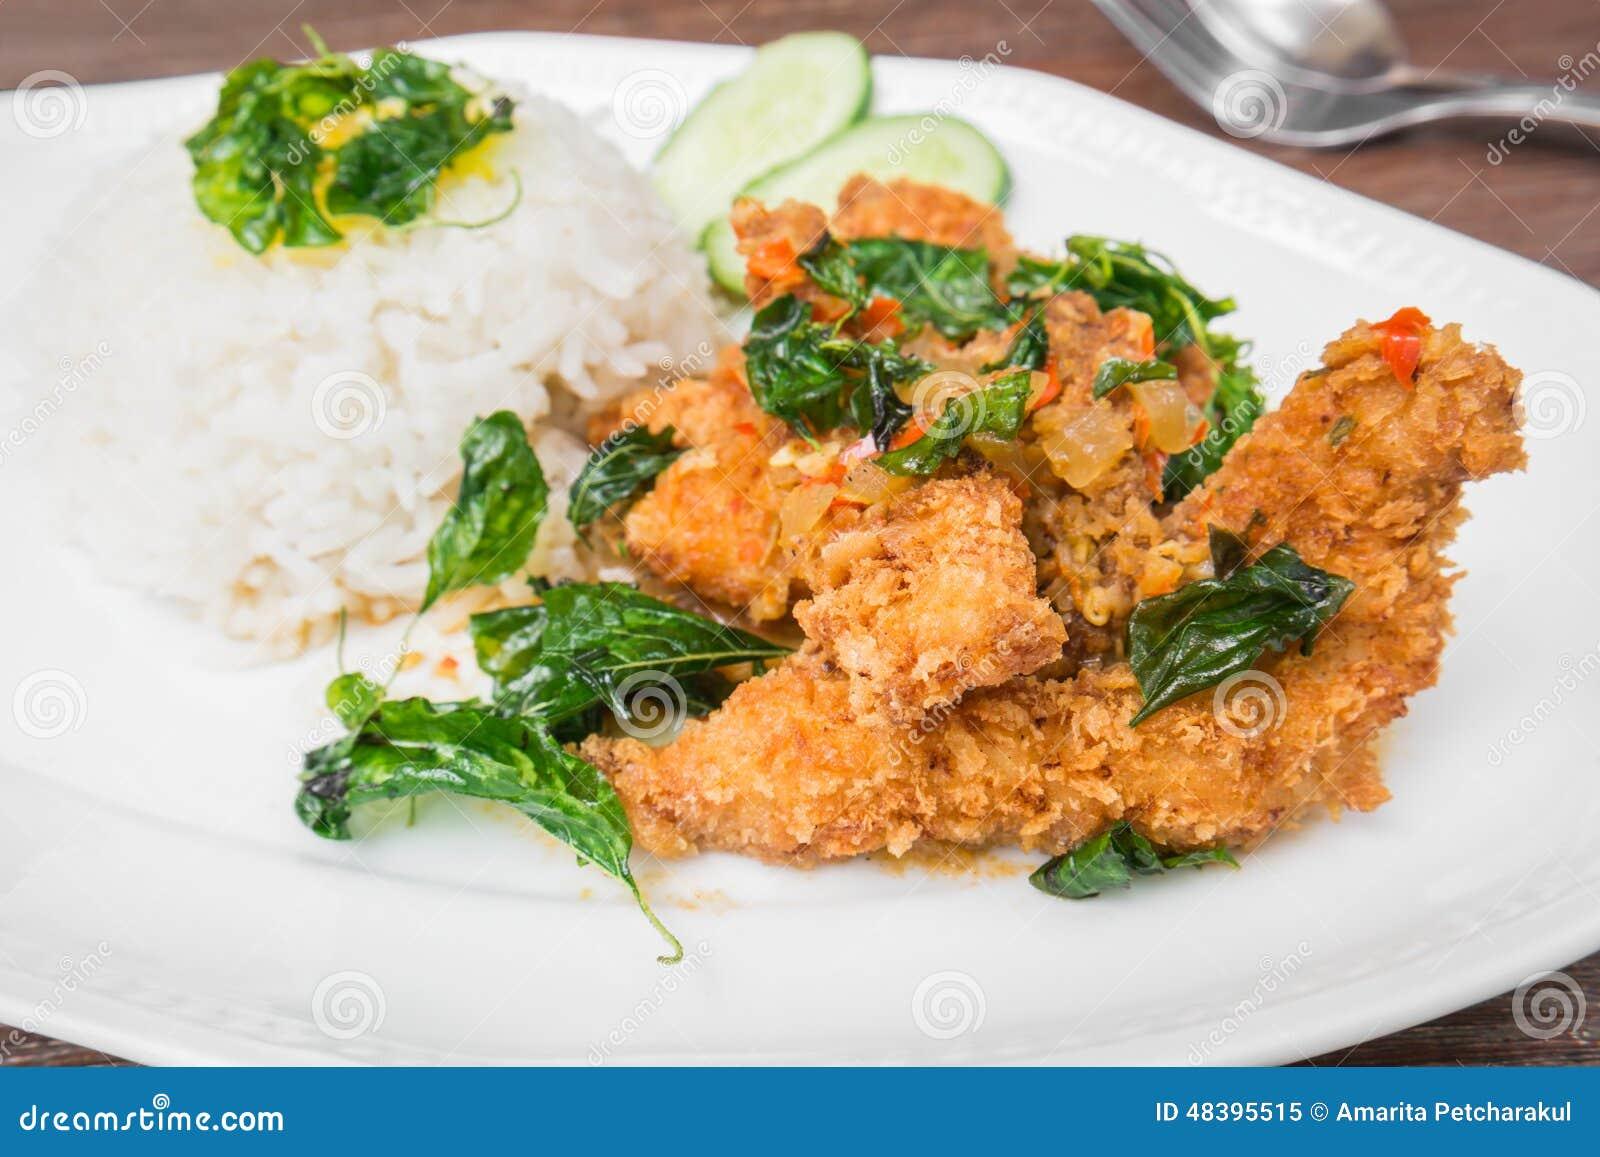 Crispy Chicken Thai Food